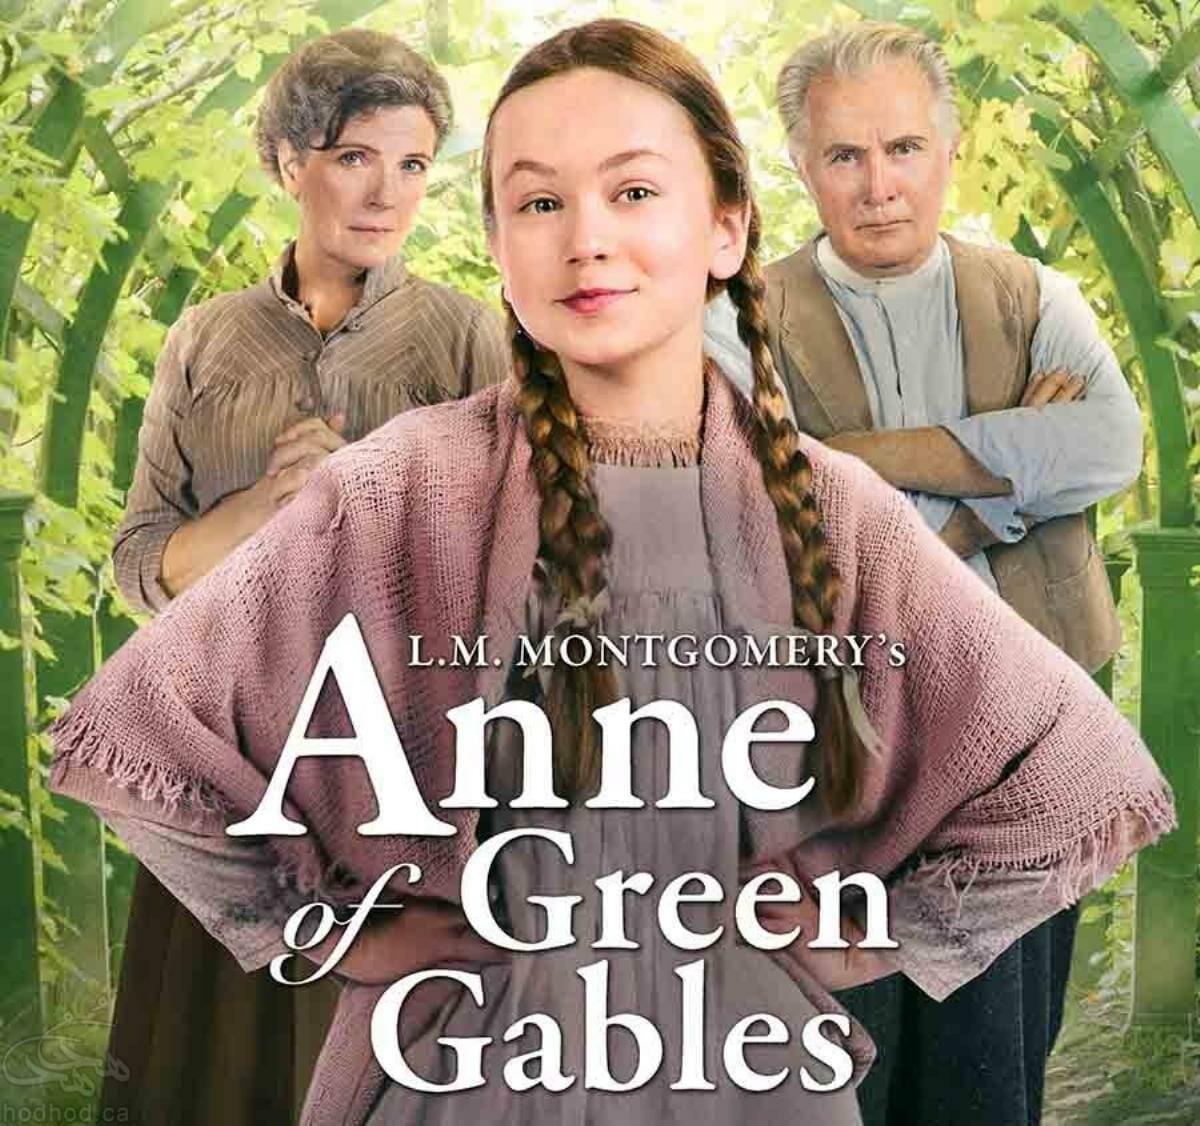 معرفی فیلم آن شرلی در Green Gables، اثری تازه از داستانی قدیمی و خاطره انگیز